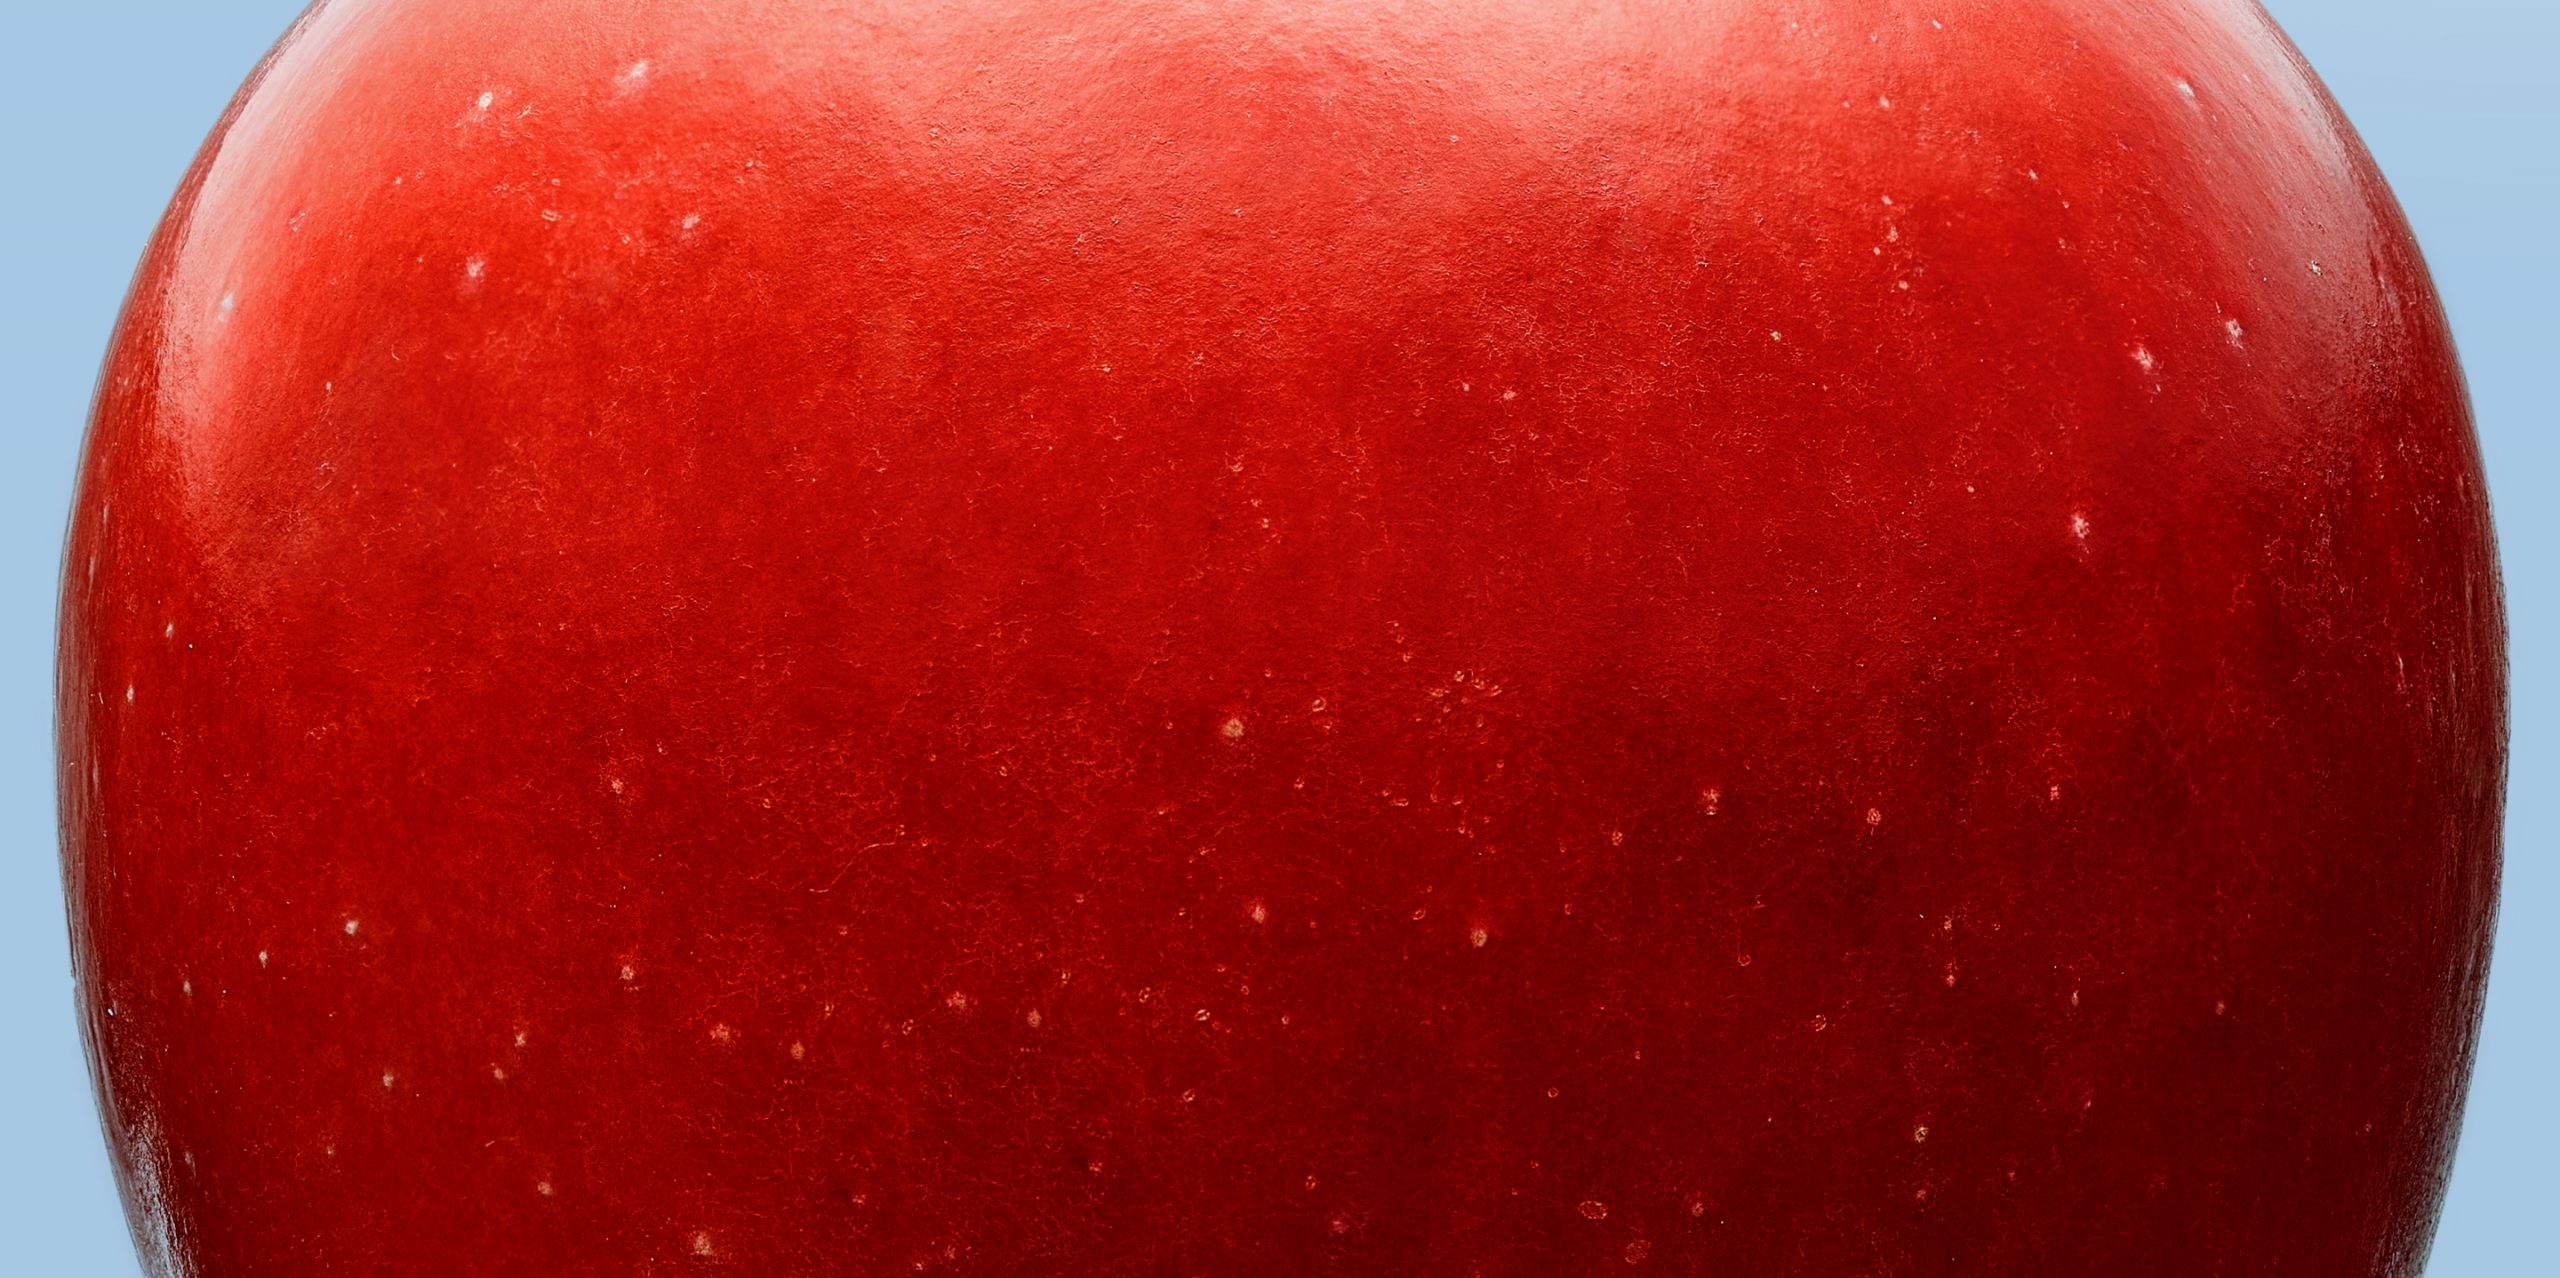 snack apple | miniature apple | rockit